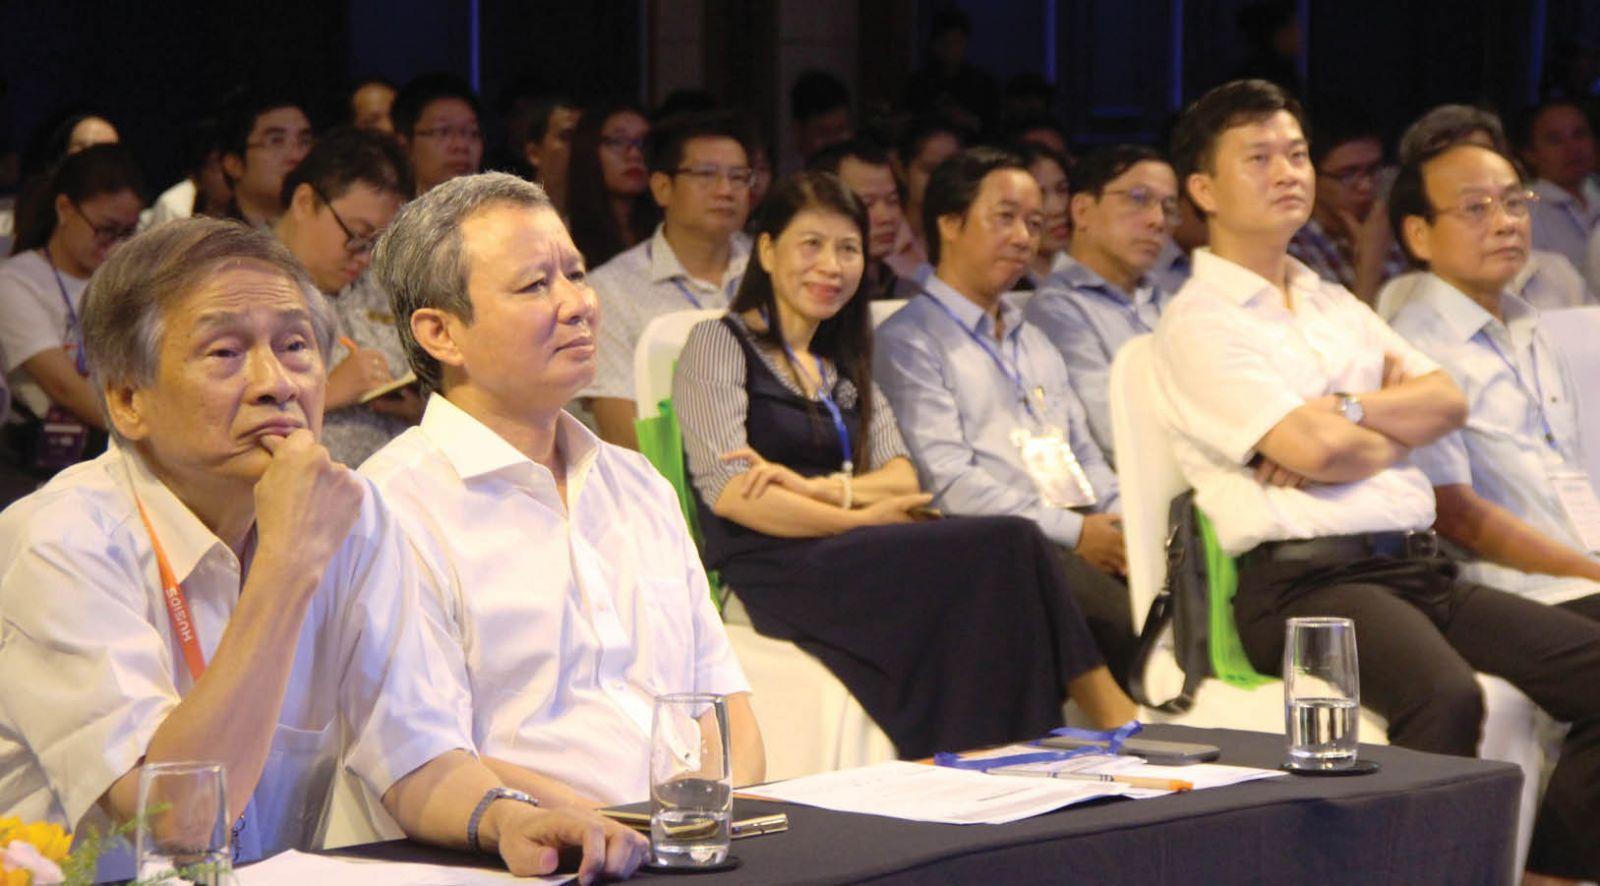 UVTƯ Đảng, Bí thư Tỉnh ủy Lê Trường Lưu (thứ 2, từ trái qua) cùng các đại biểu, diễn giả tại diễn đàn. Ảnh: Phan Thành